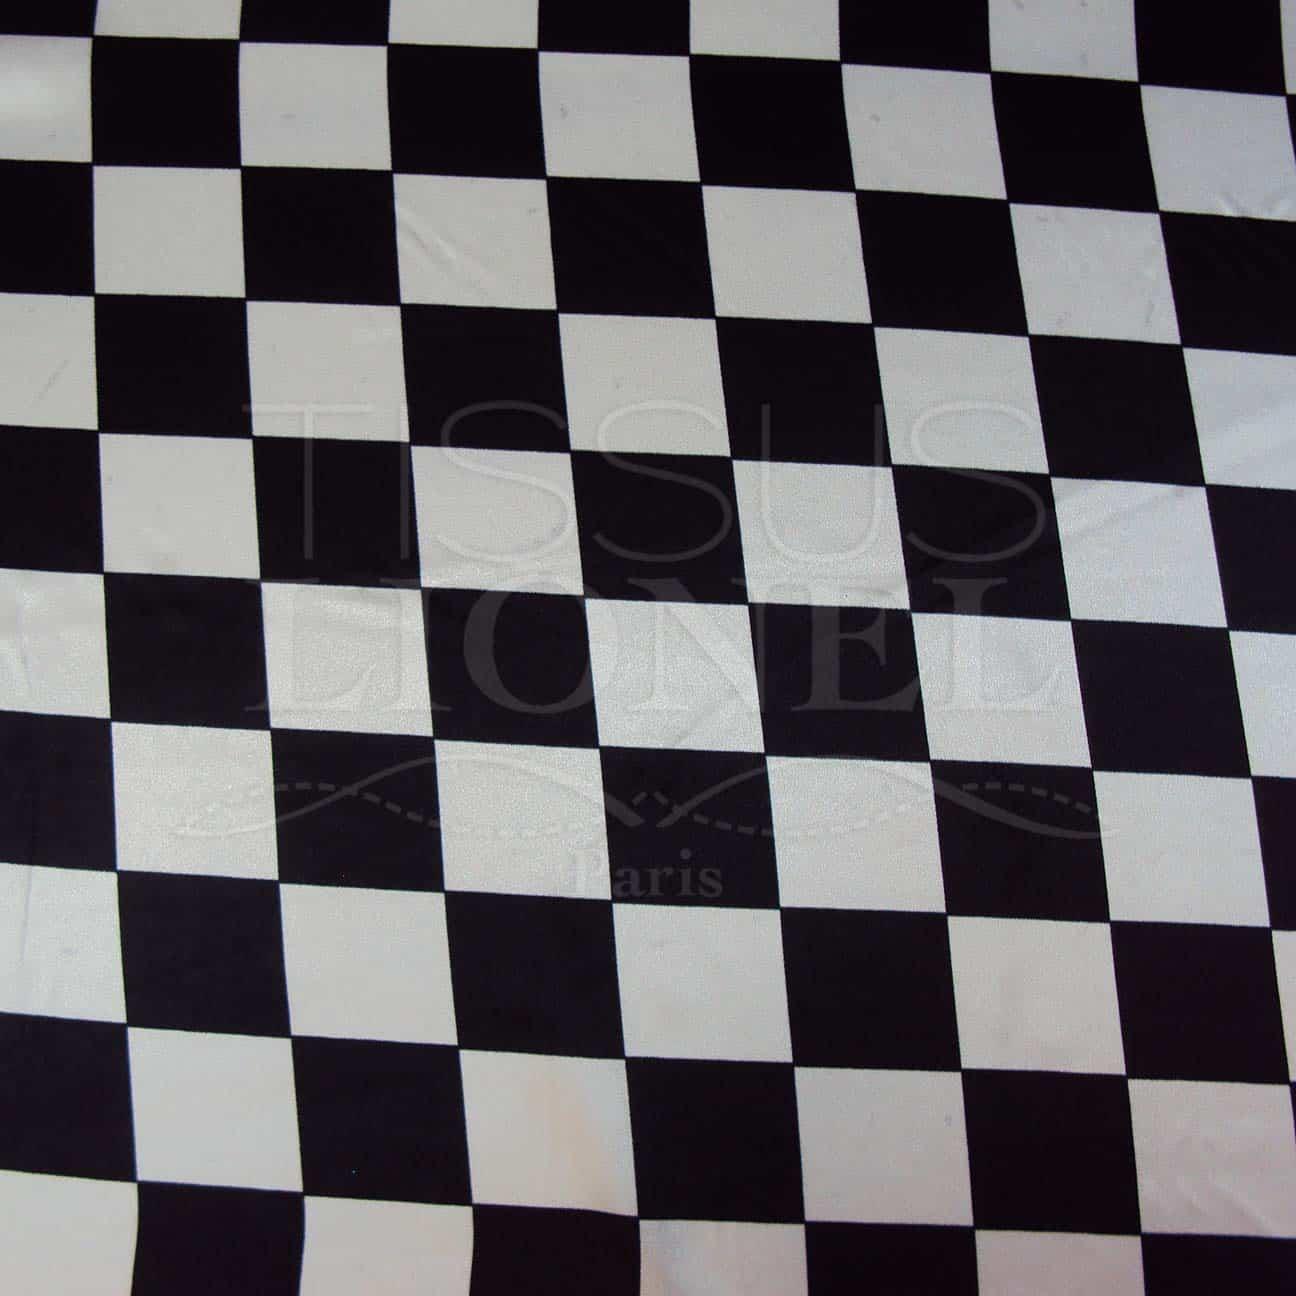 Carnaval carreaux noir et blanc tissus lionel - Carreaux noir et blanc ...